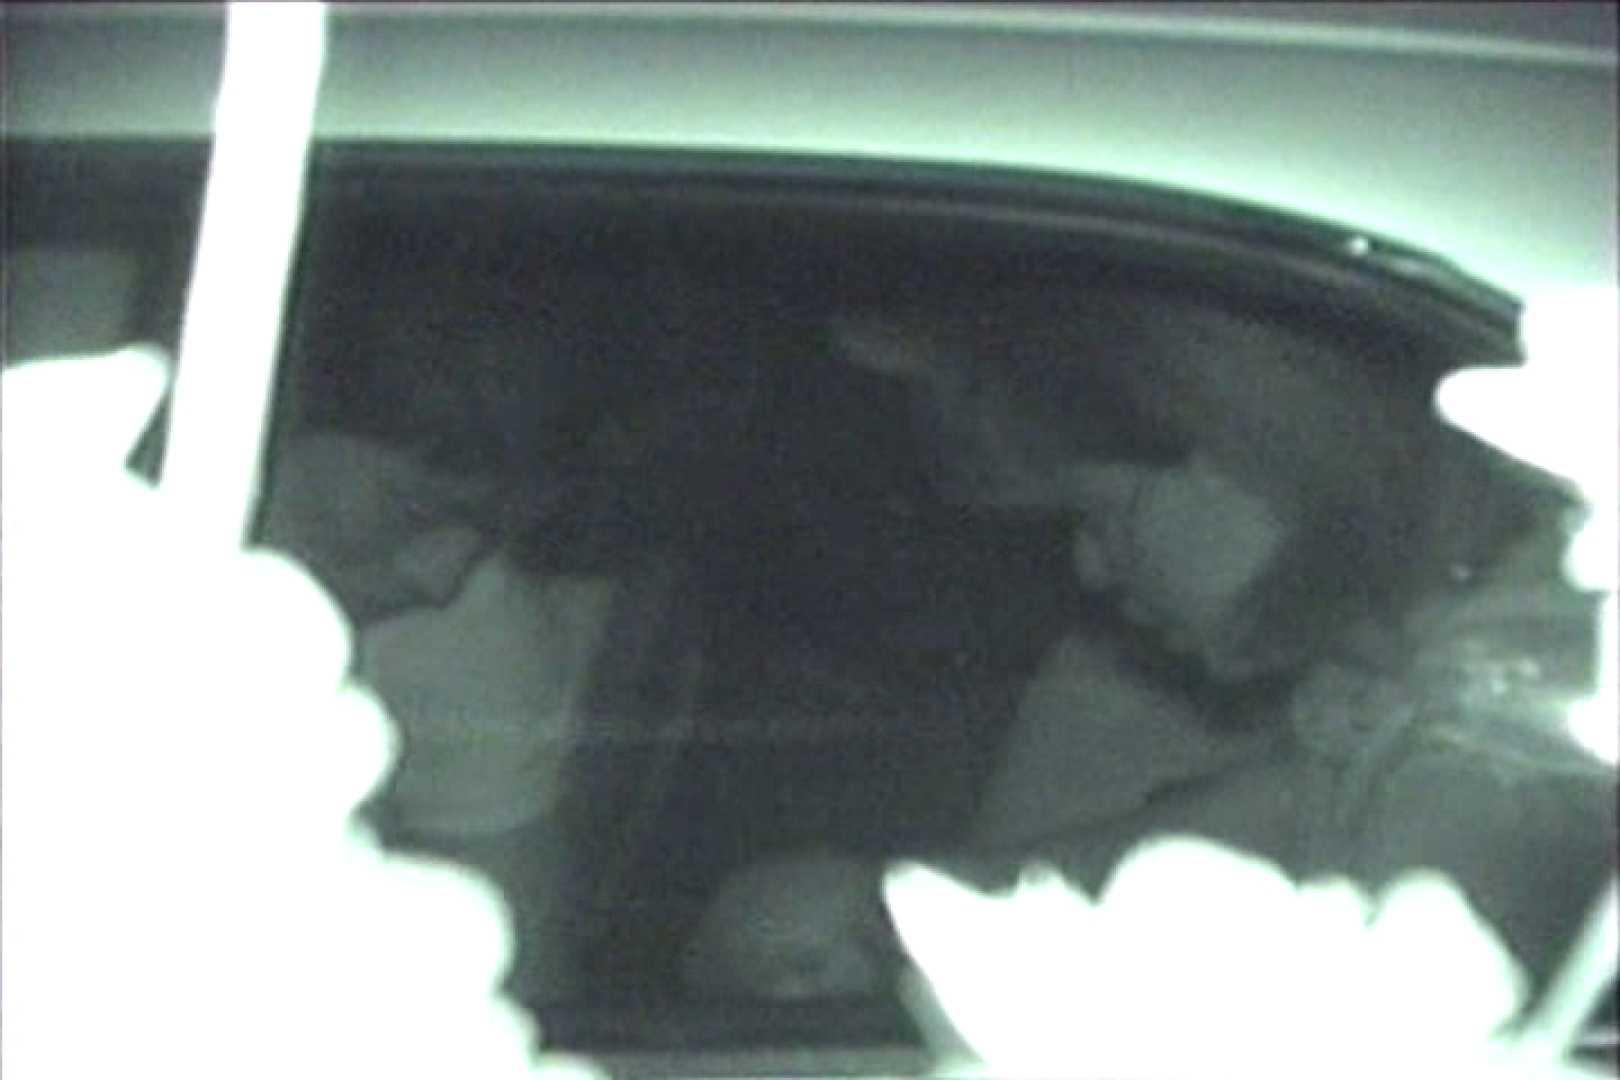 車の中はラブホテル 無修正版  Vol.16 美女OL ワレメ動画紹介 52連発 24